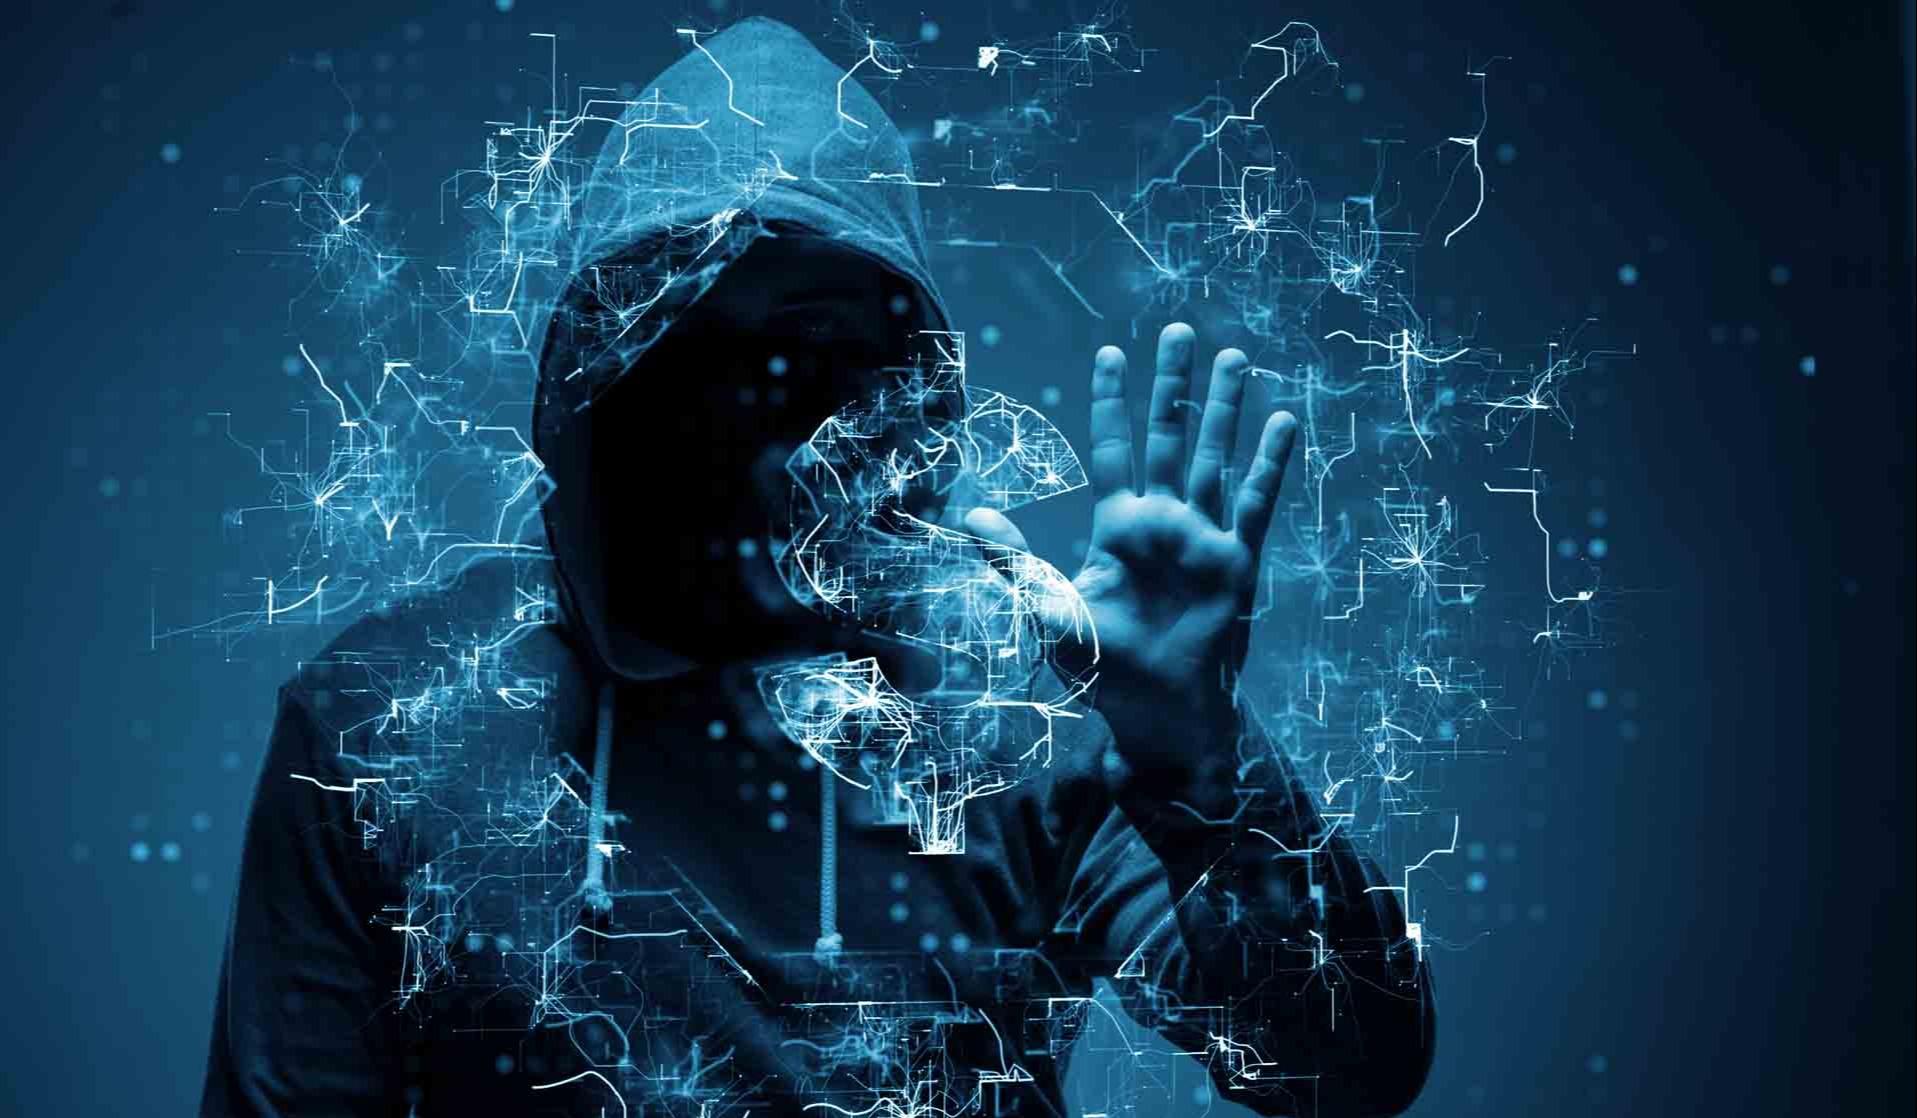 cyber-security-hacker-data-daten-it-web1